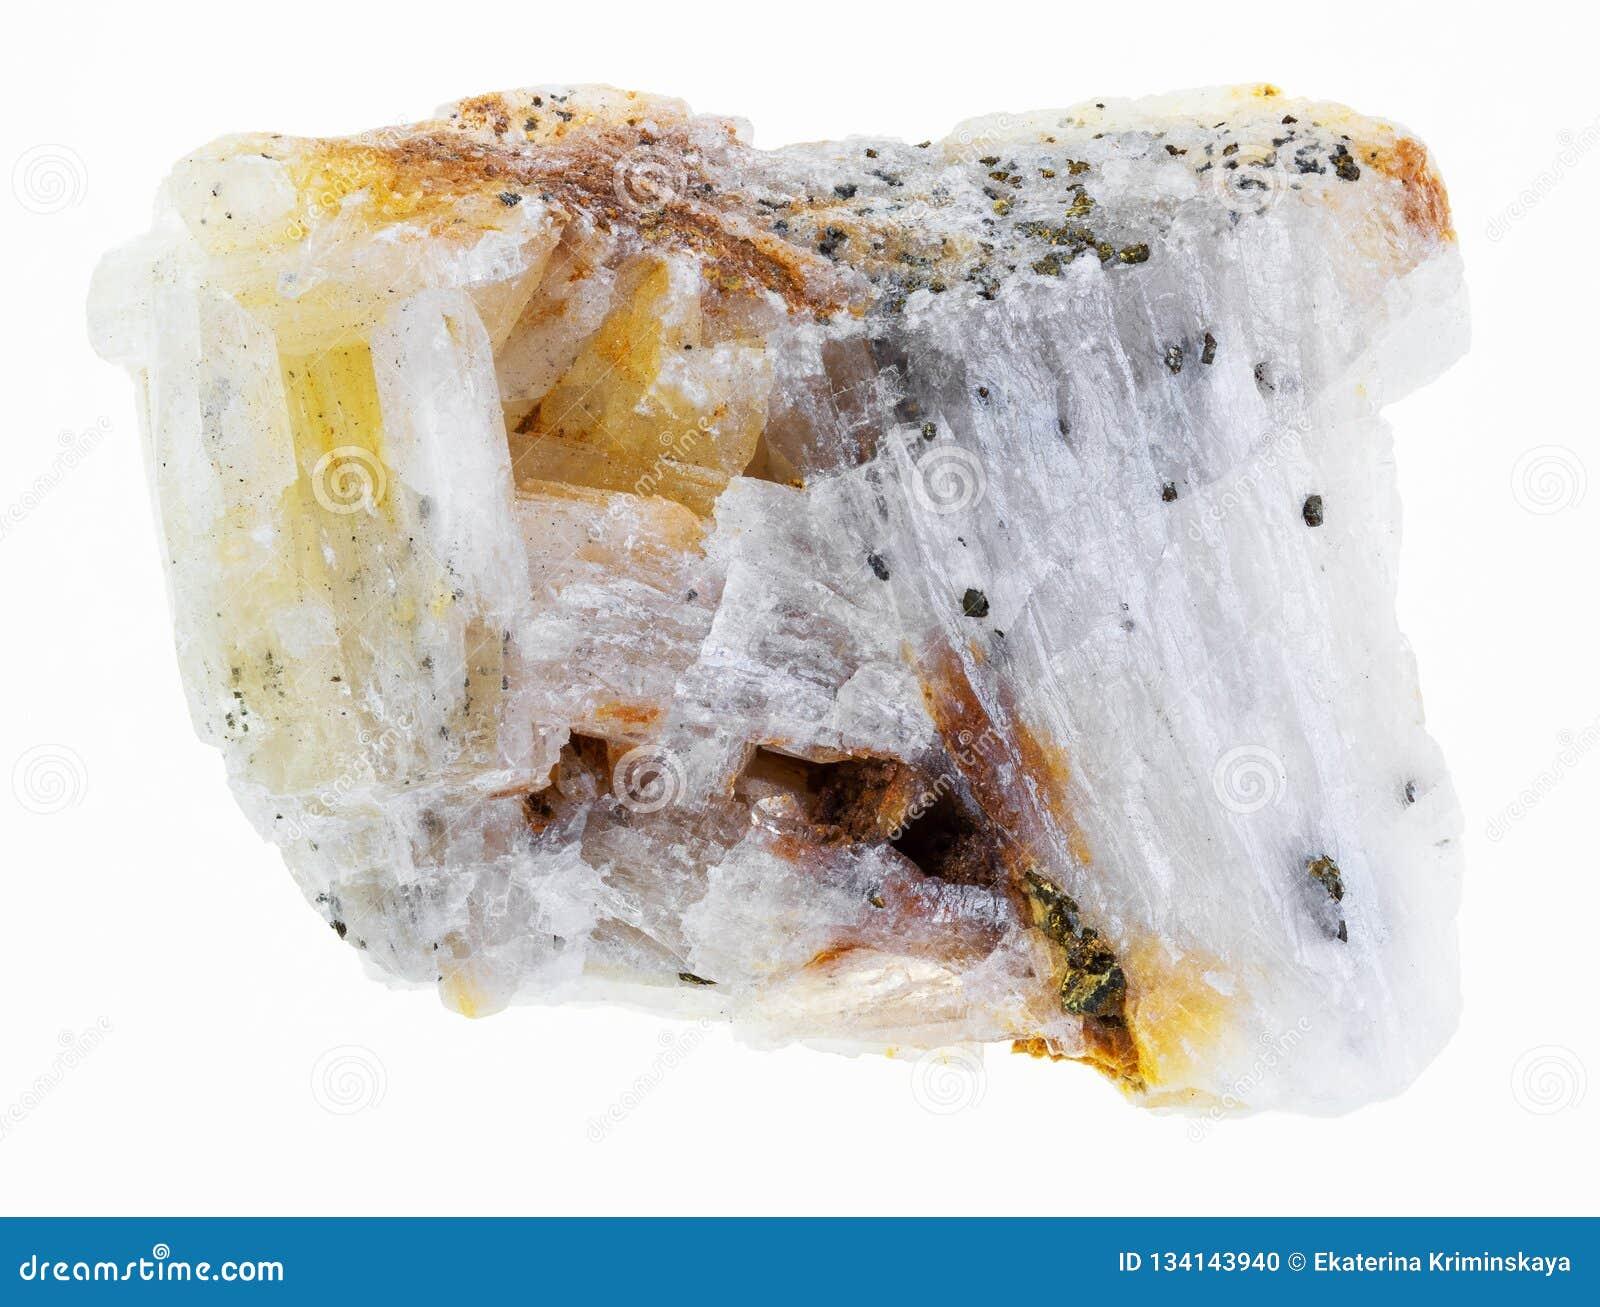 Infödd guld i grov kvartssten på vit